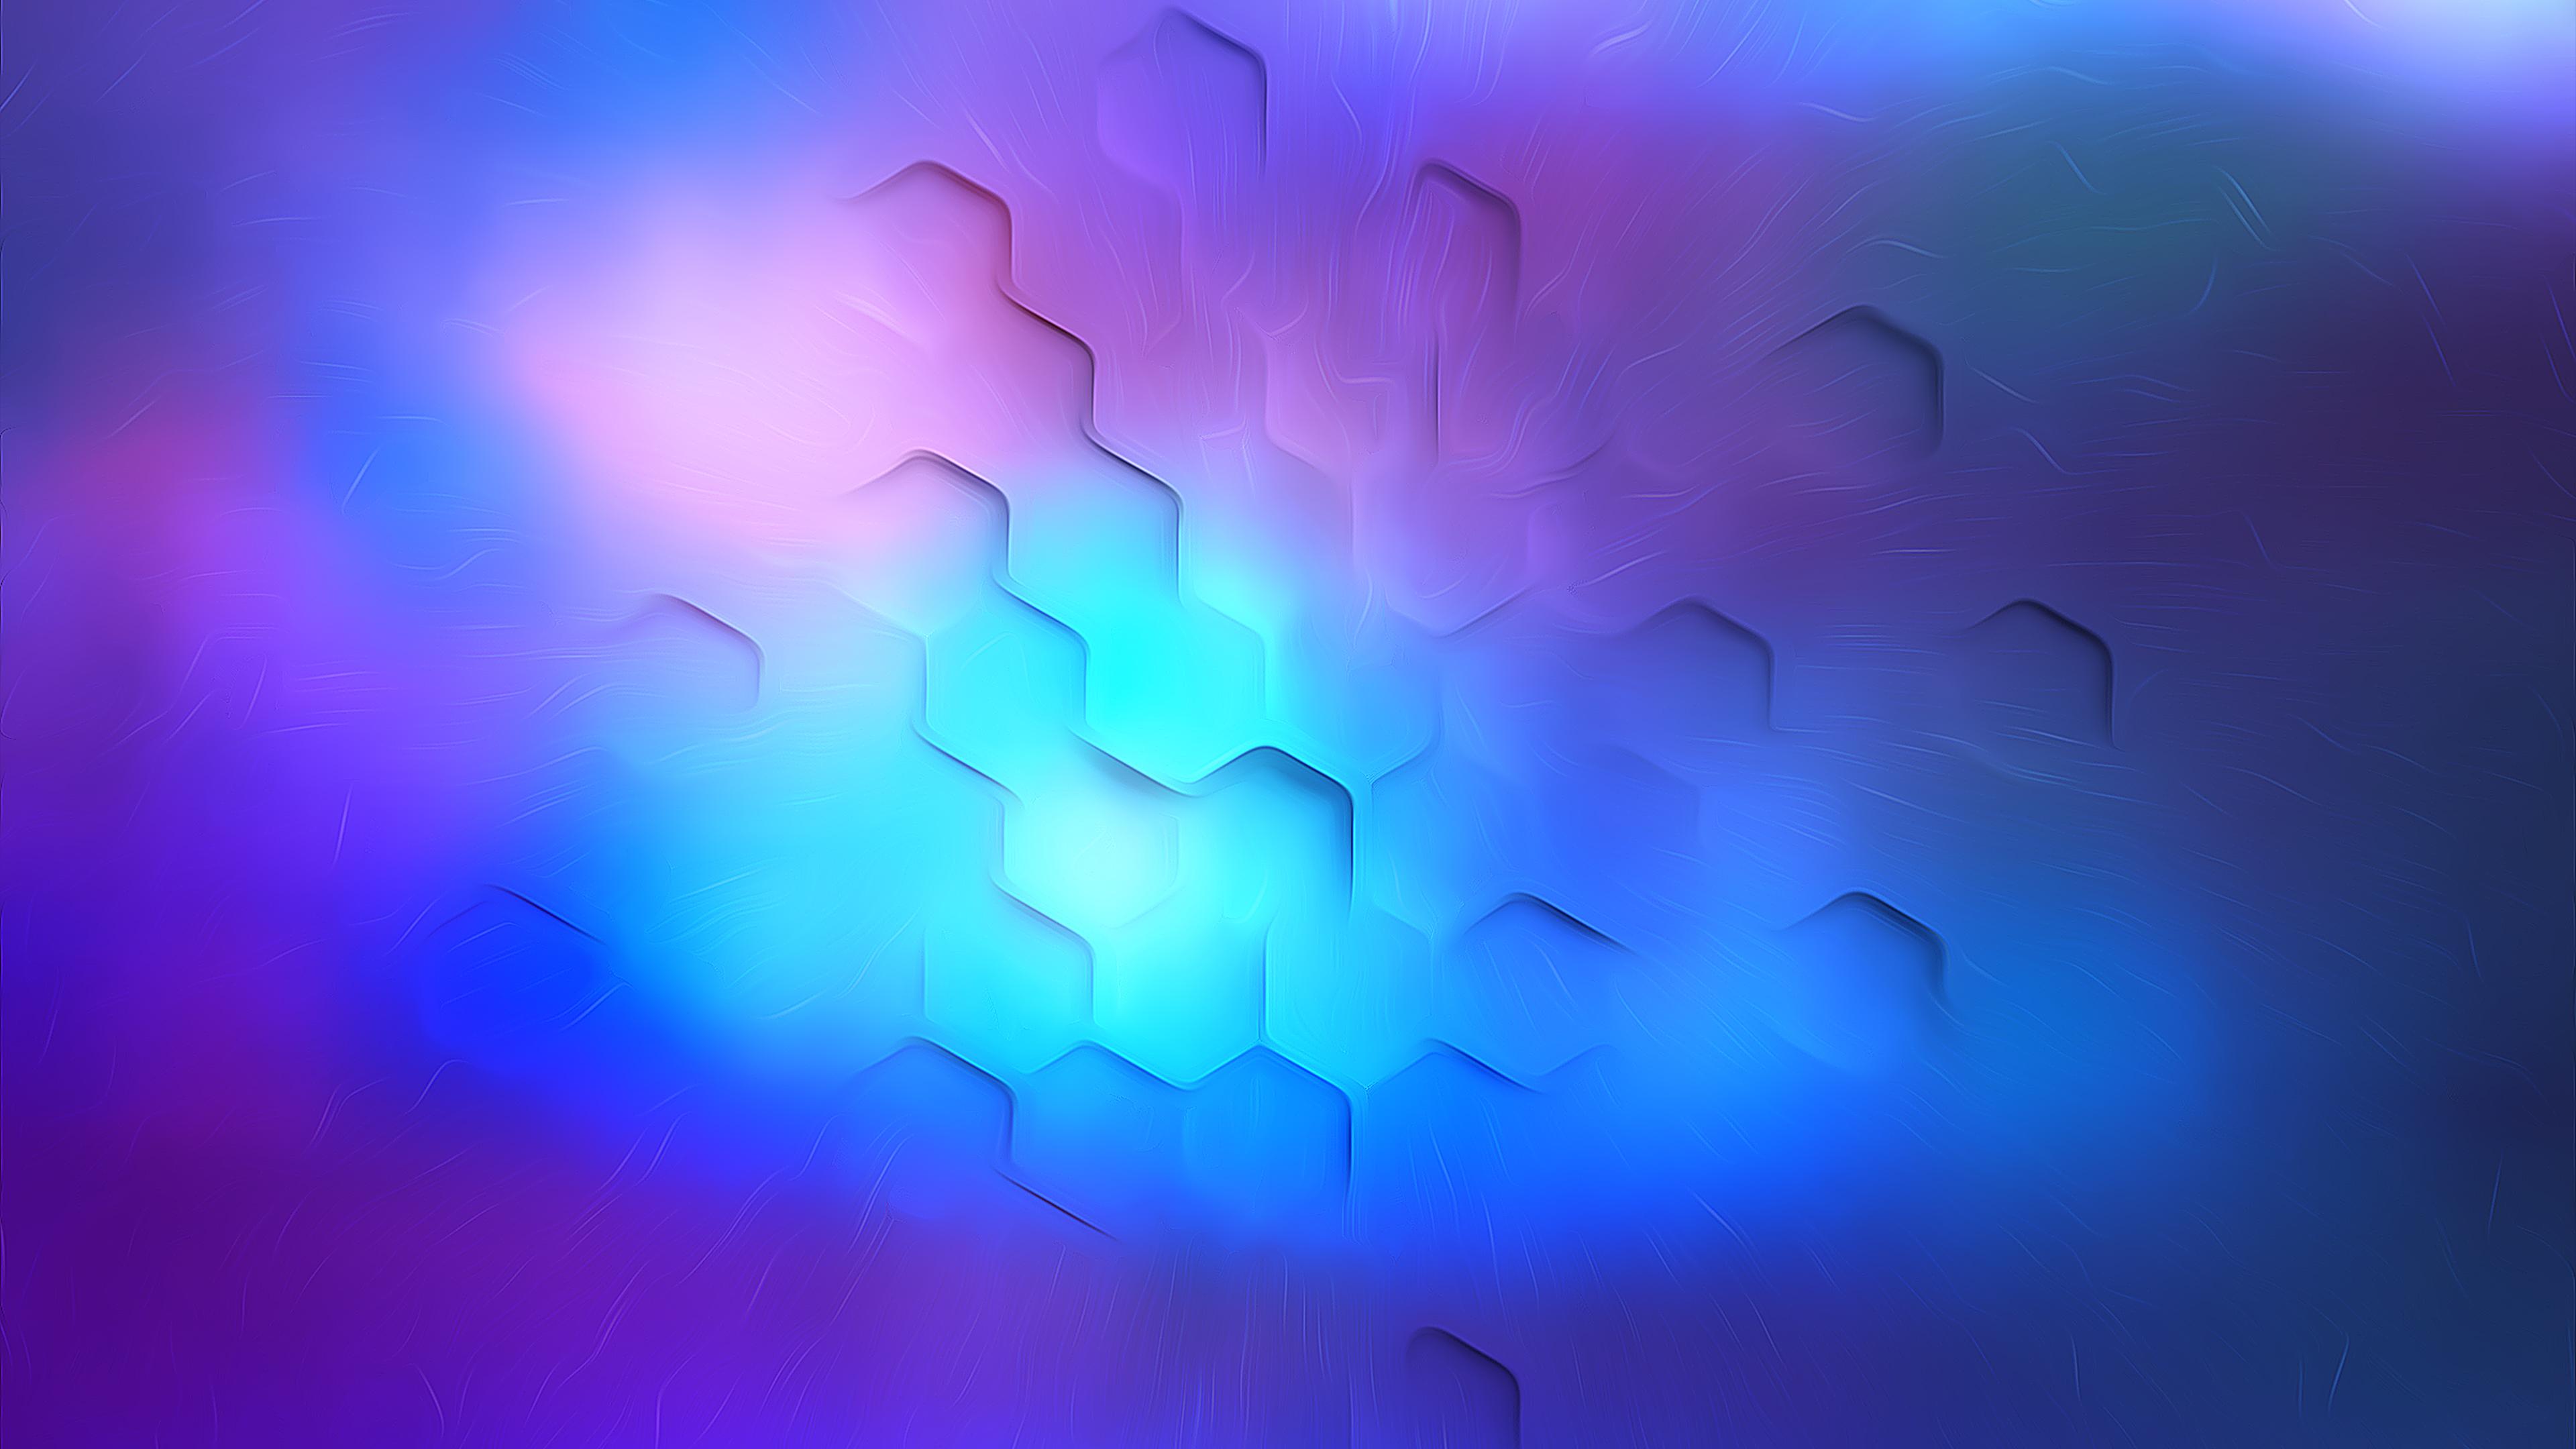 hexa polygon soothing lights 4k 1603391022 - Hexa Polygon Soothing Lights 4k - Hexa Polygon Soothing Lights 4k wallpapers